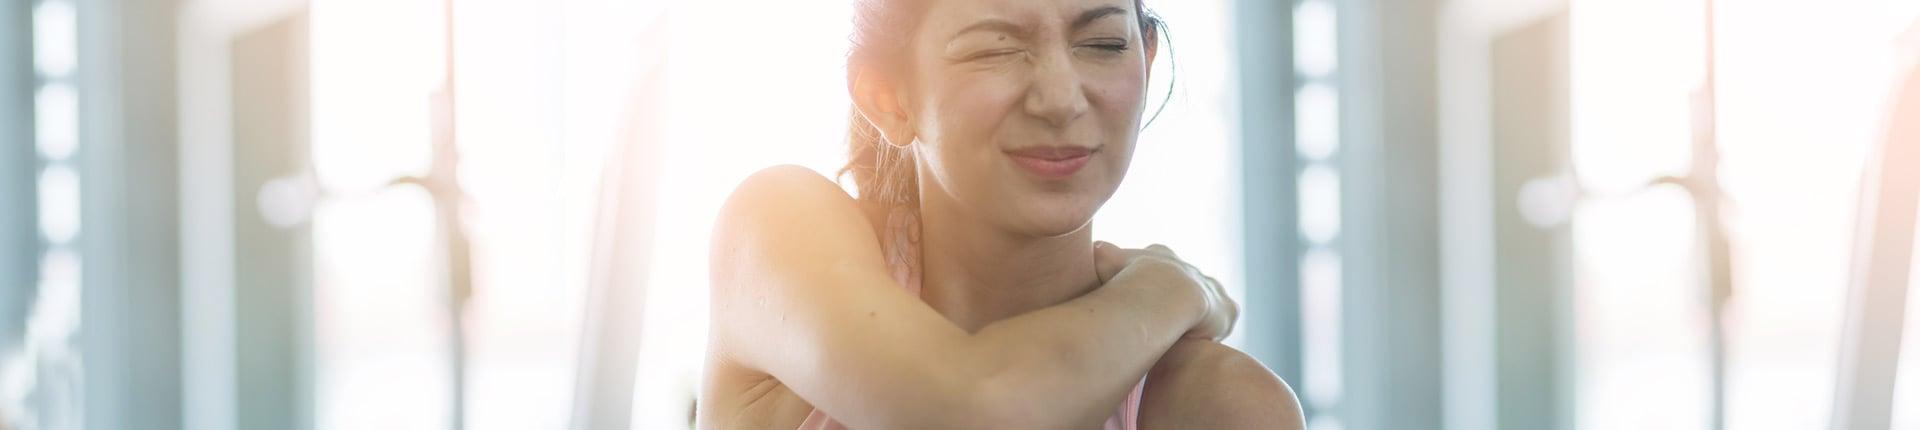 Na ból i stany zapalne stawów: ALLNUTRITION - Boswellia Serrata